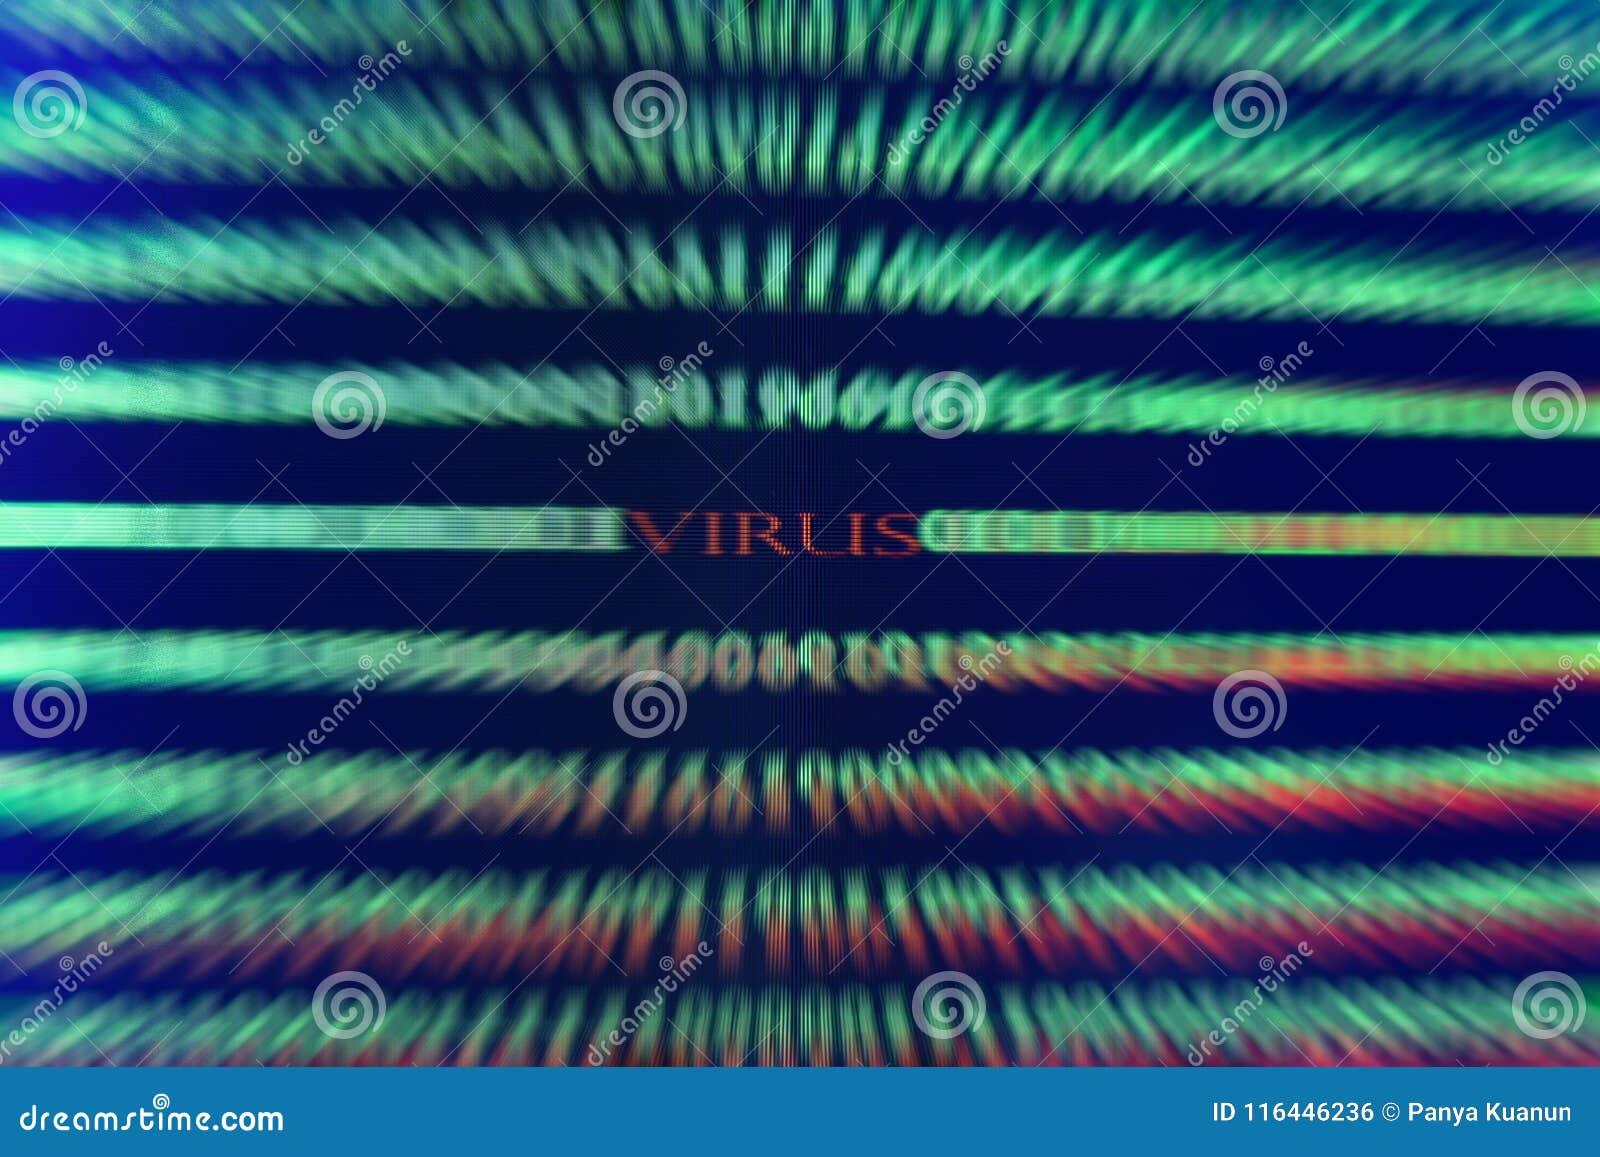 Virus im Computercode auf schwarzem Hintergrund